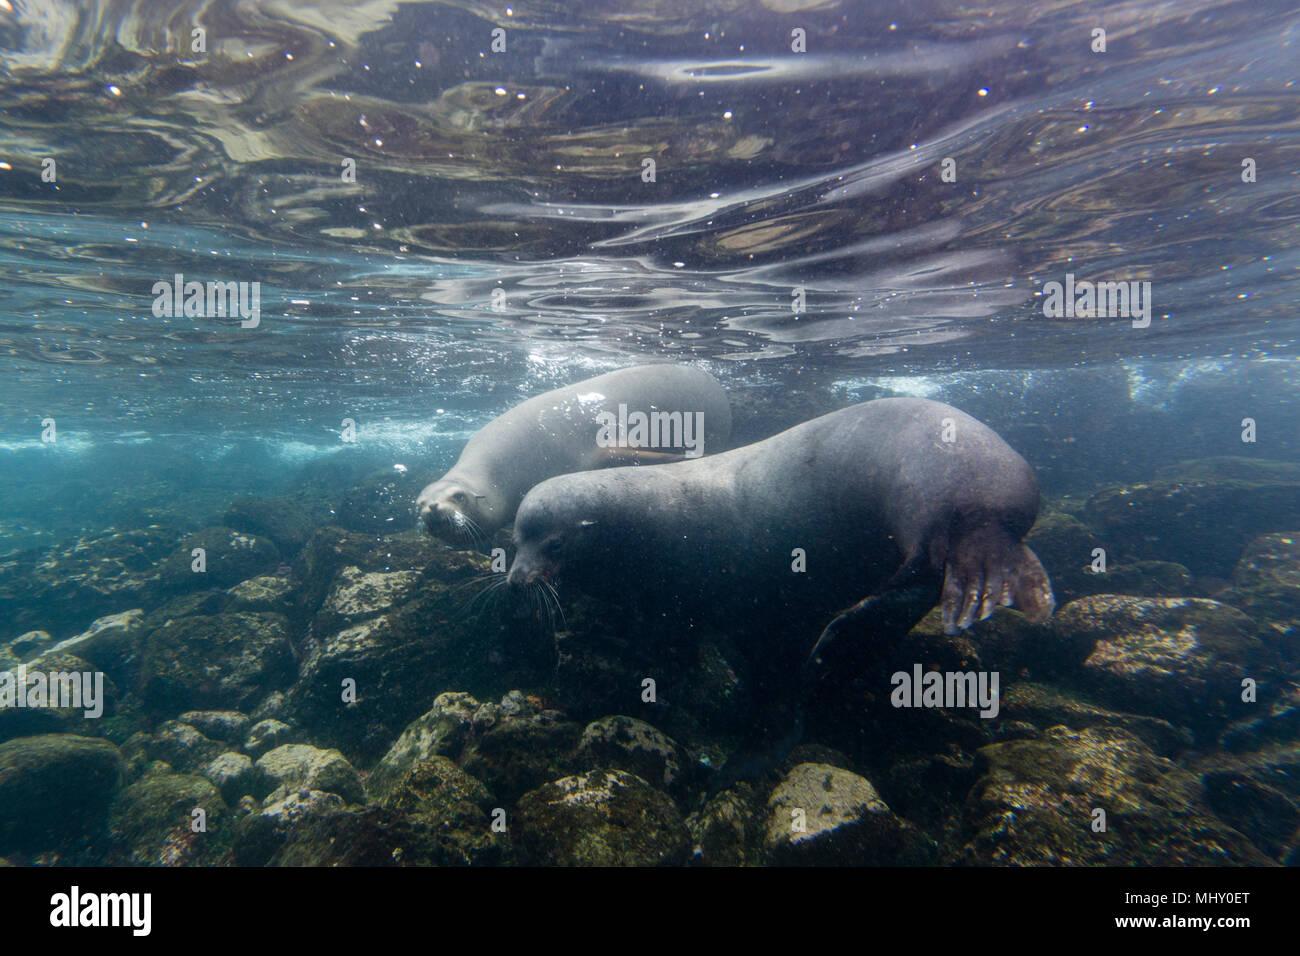 Le Galapagos i leoni di mare (Zalophus californianus wollebaeki), subacquea shot, Isola di Santa Fe, Isole Galapagos, Ecuador Immagini Stock